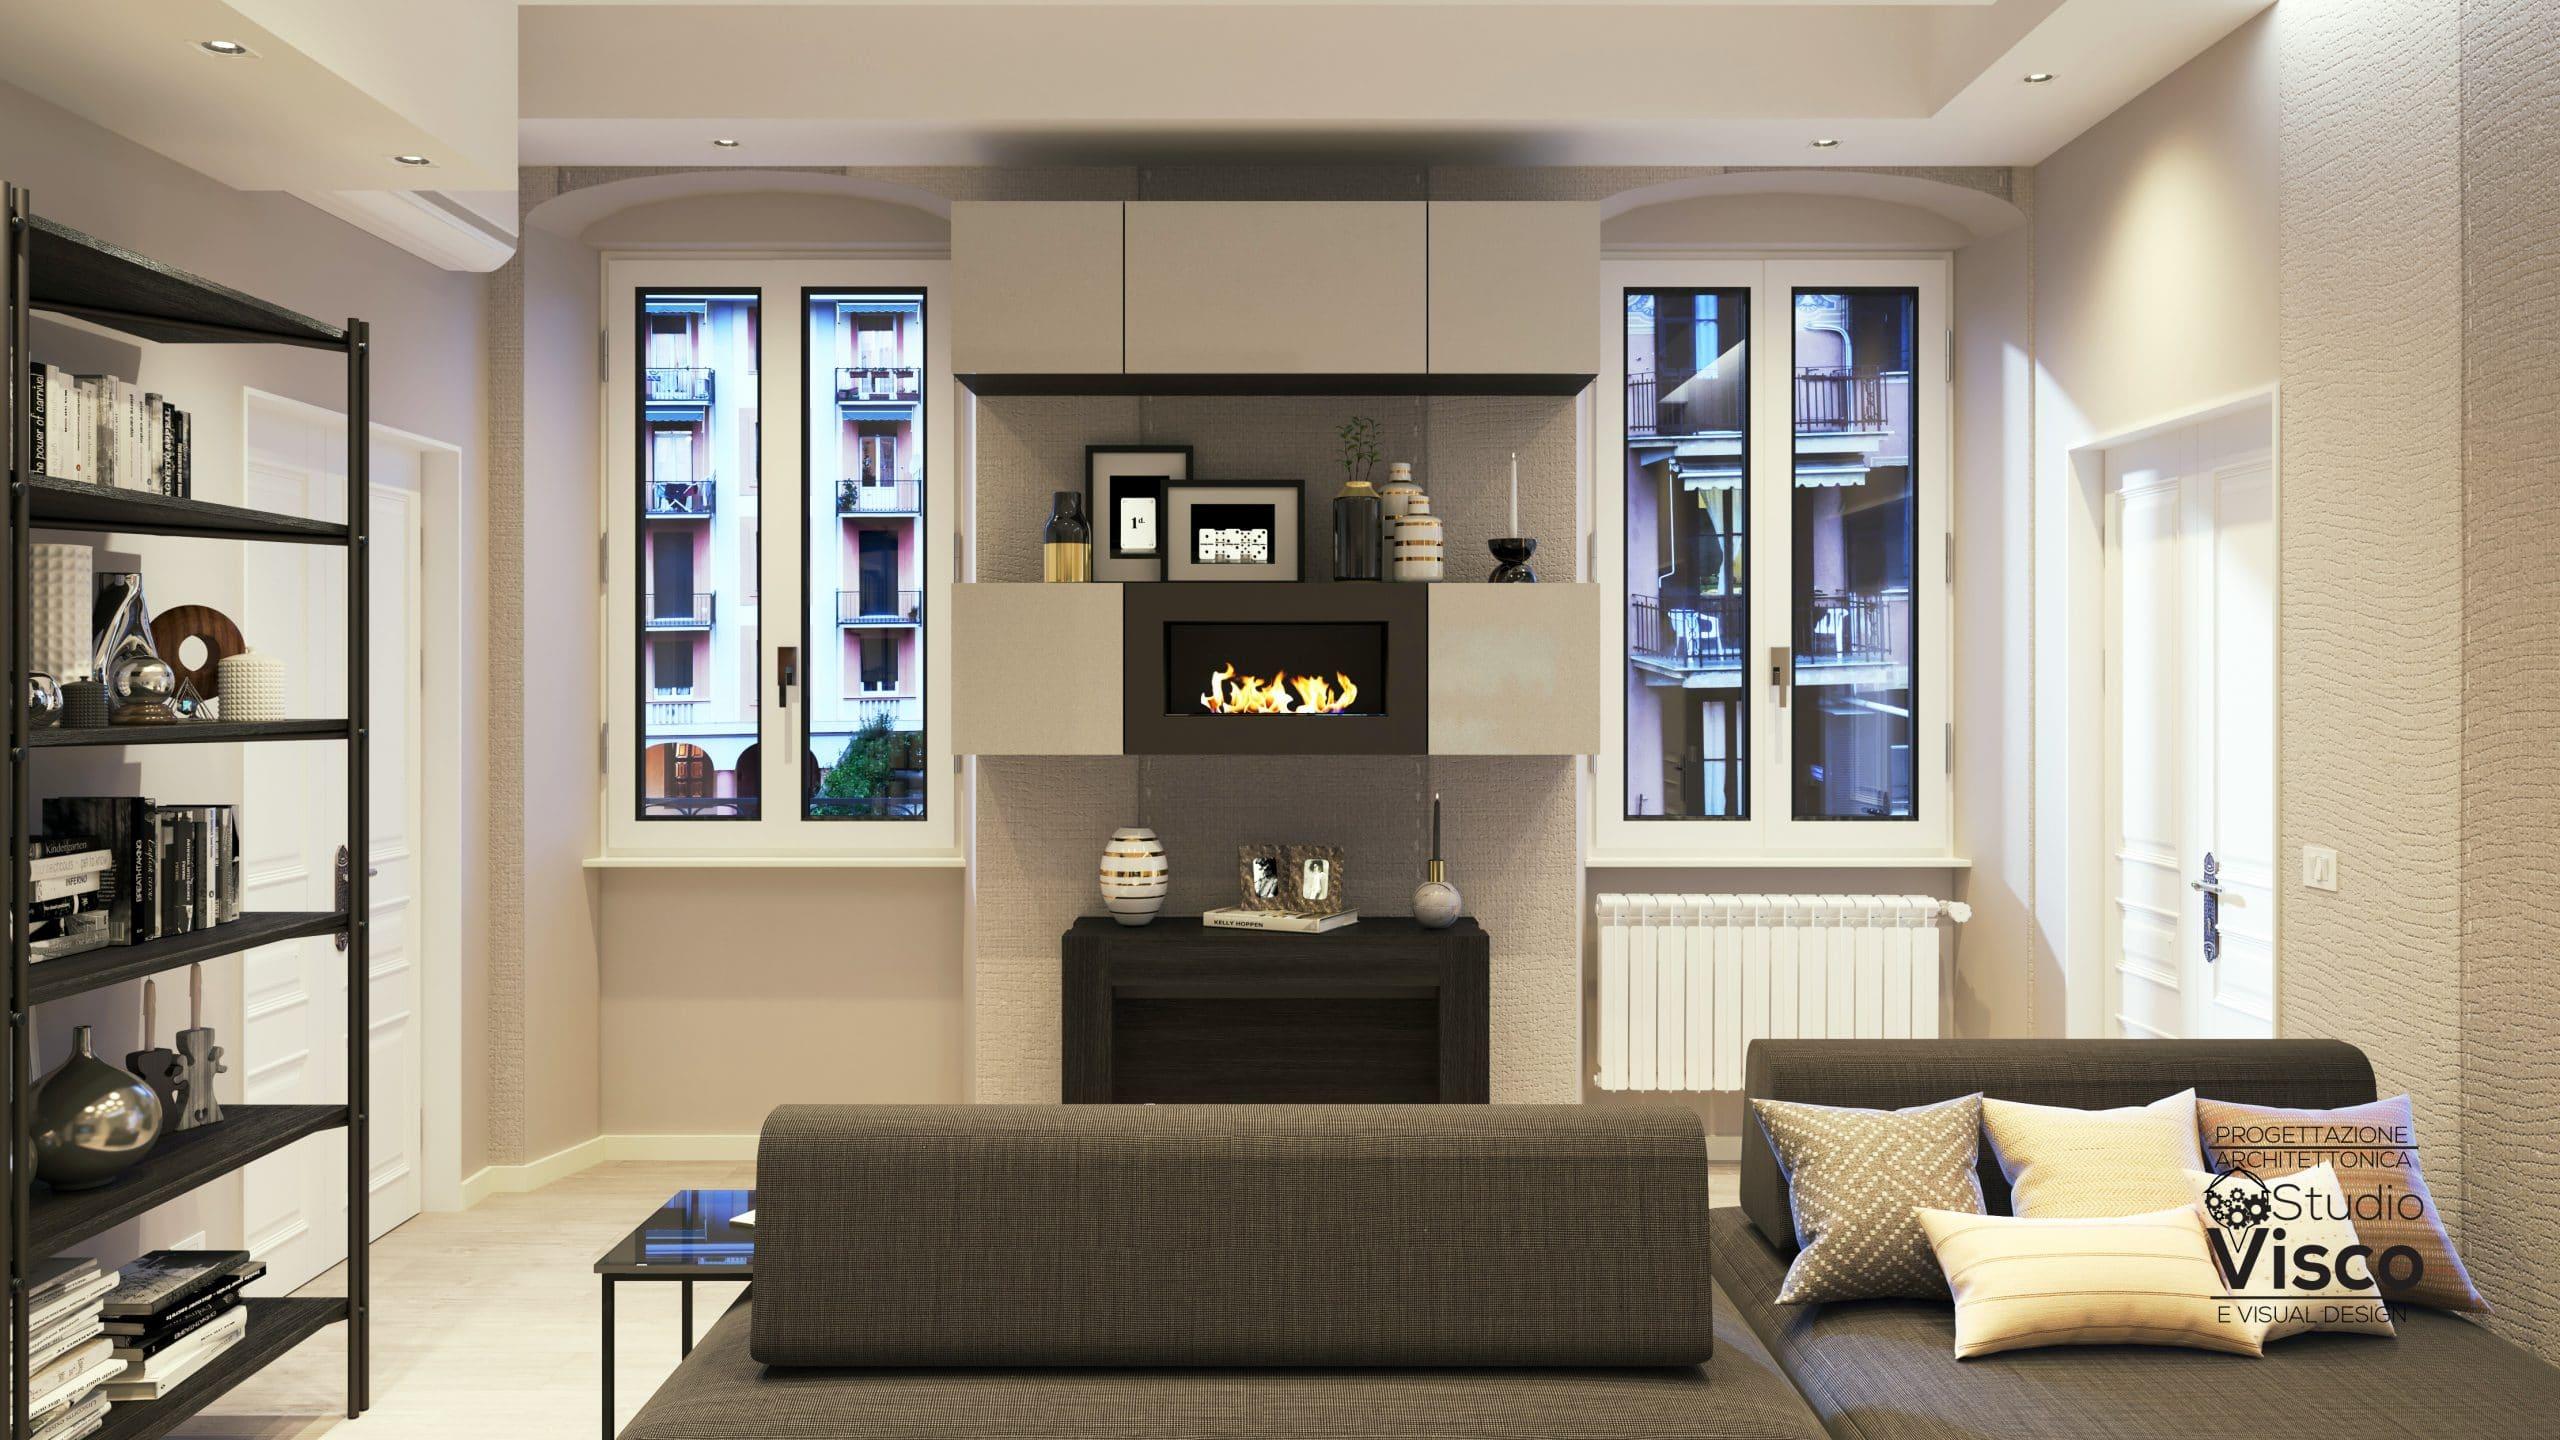 Progettazione in abitazione privata a Rapallo - Liguria